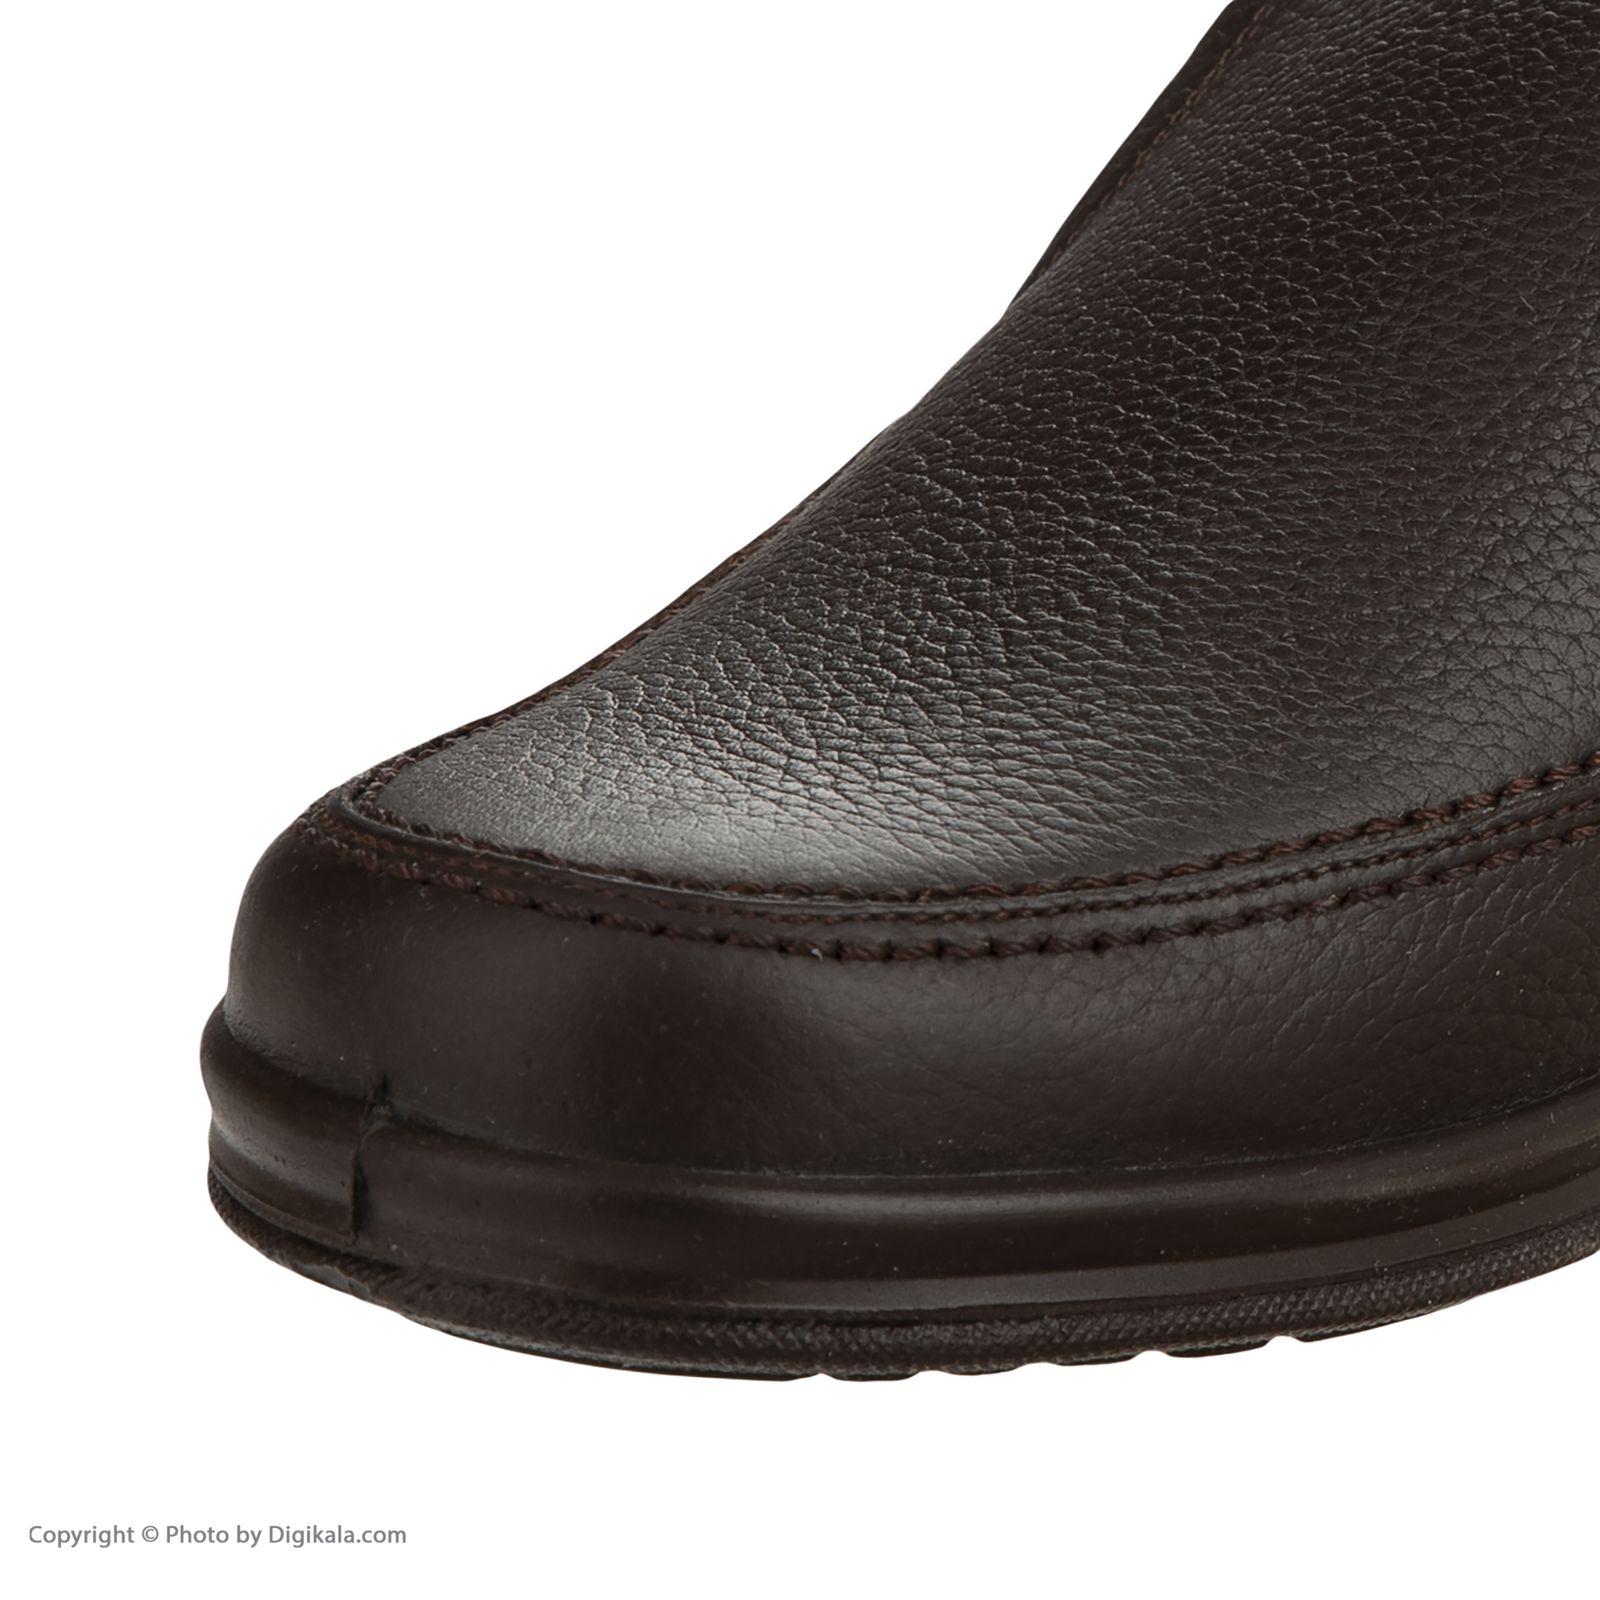 کفش روزمره مردانه بلوط مدل 7296A503104 -  - 8